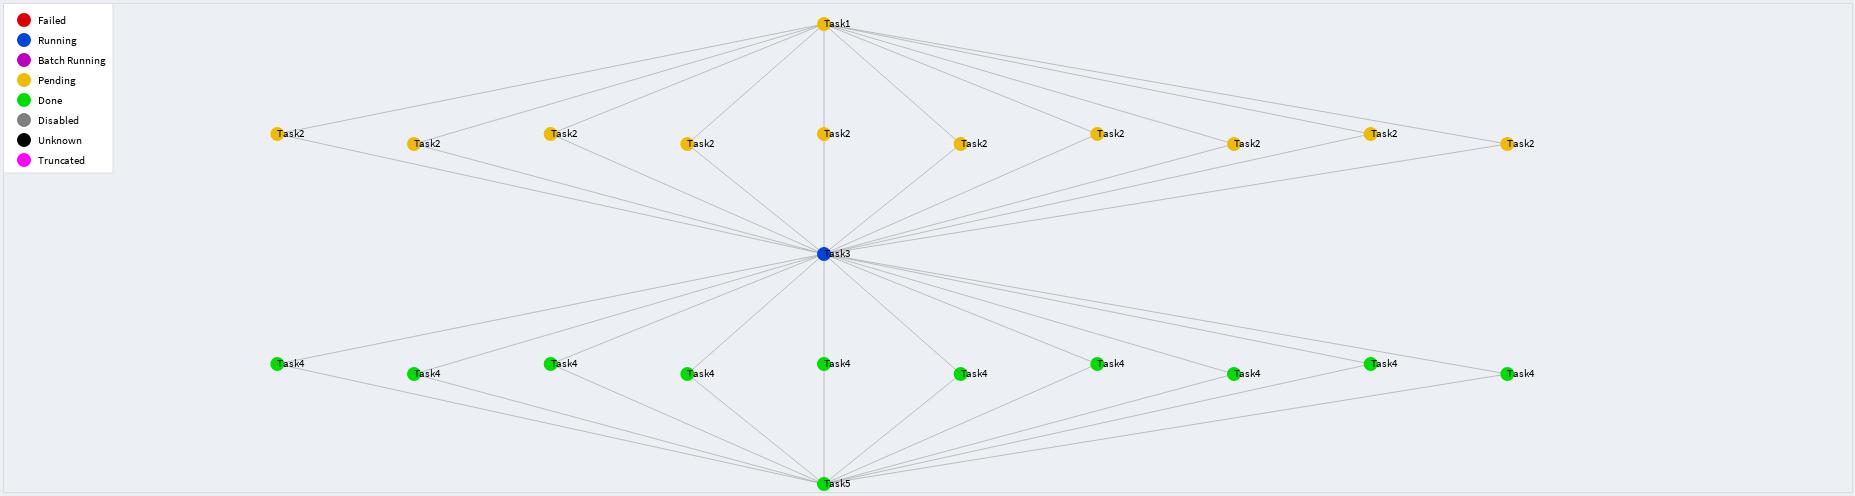 Обзор фреймворка Luigi для построения последовательностей выполнения задач - 7